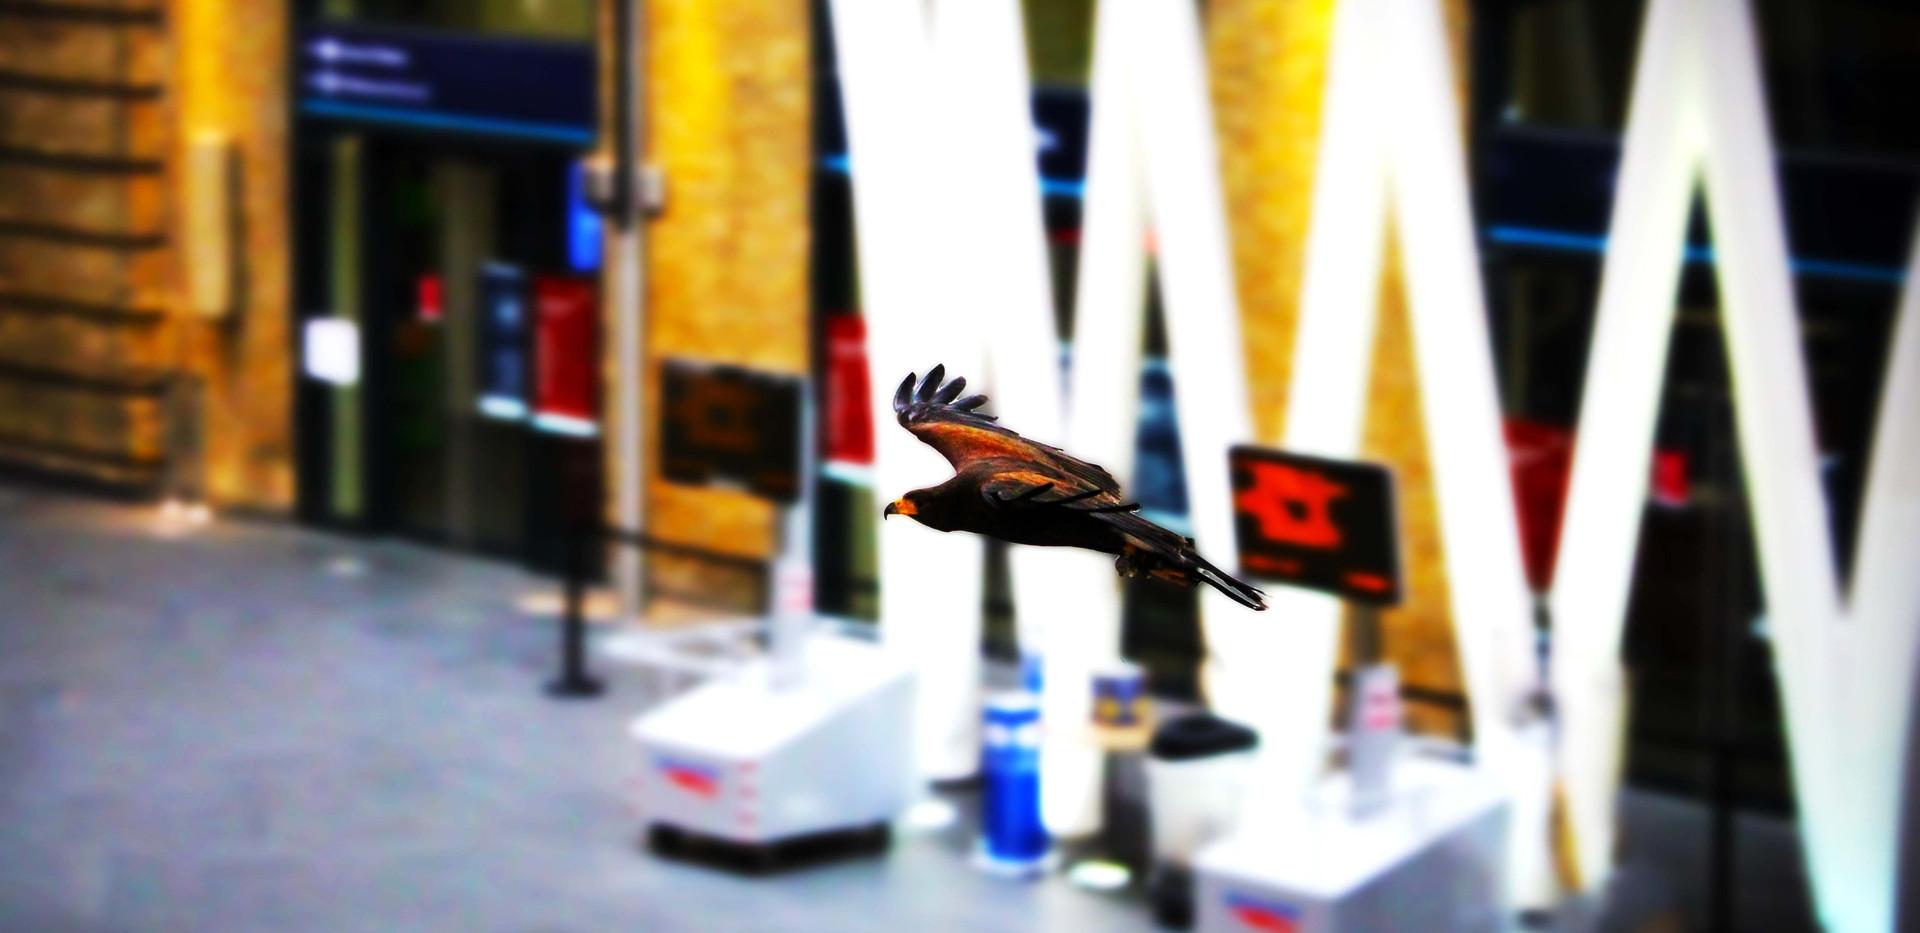 Harris's Hawk on Kings Cross Station